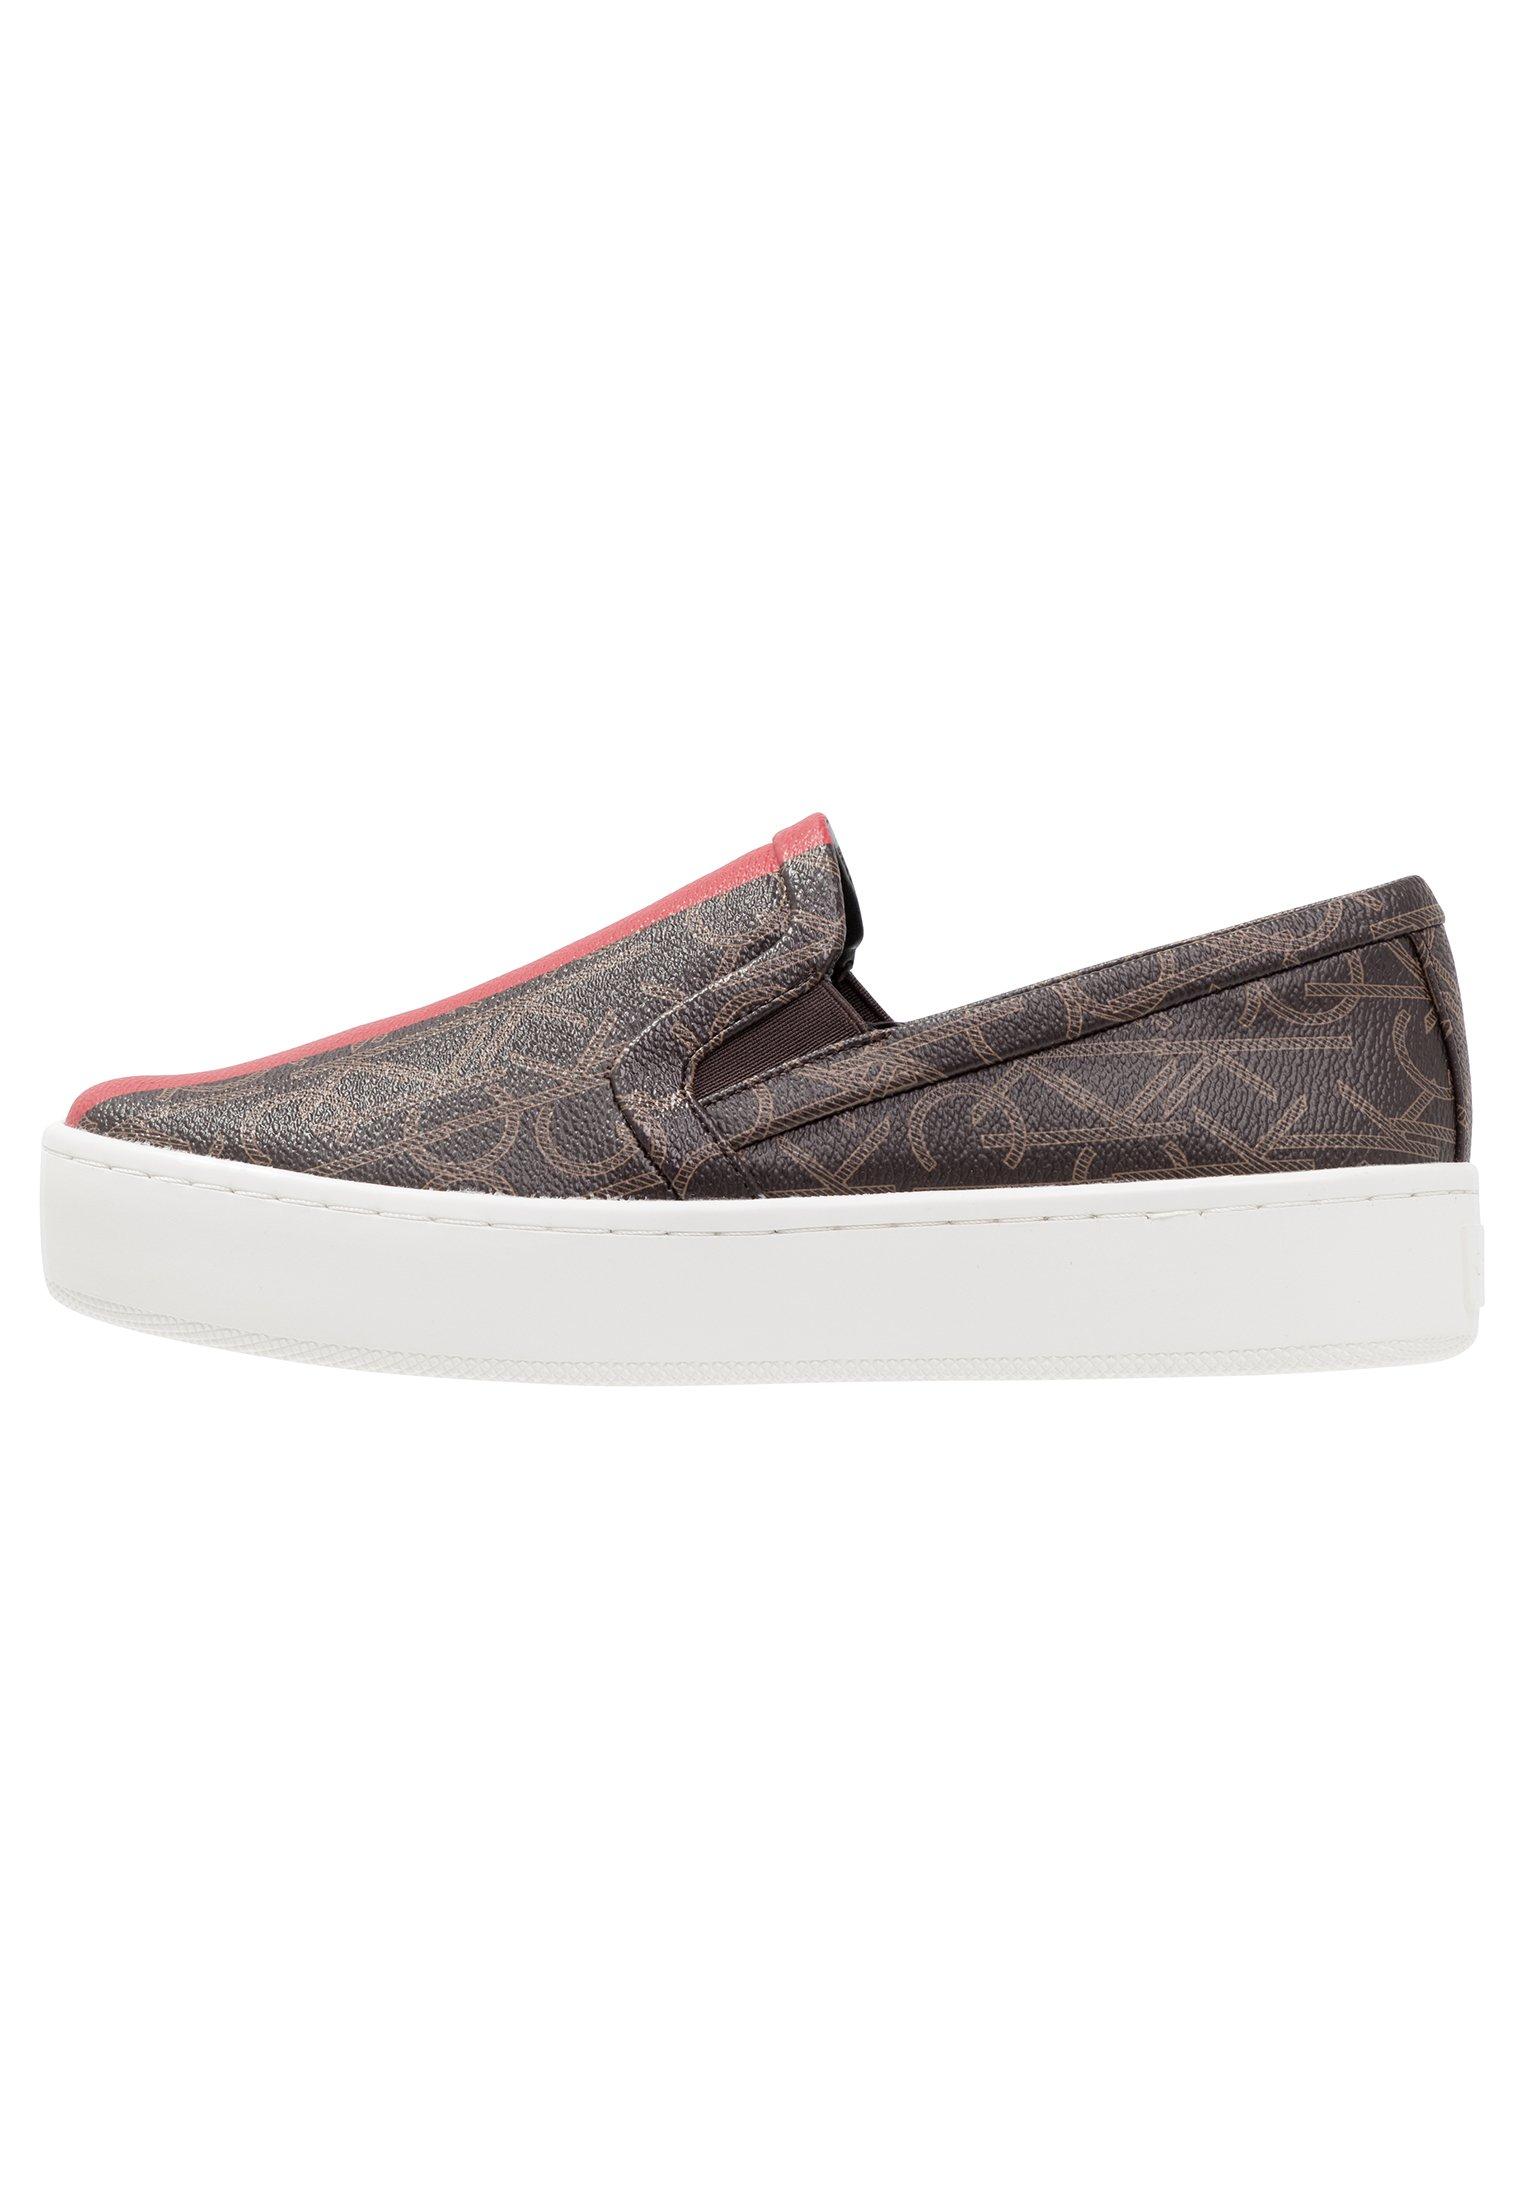 Calvin Klein CHANTELL - Scarpe senza lacci - brown